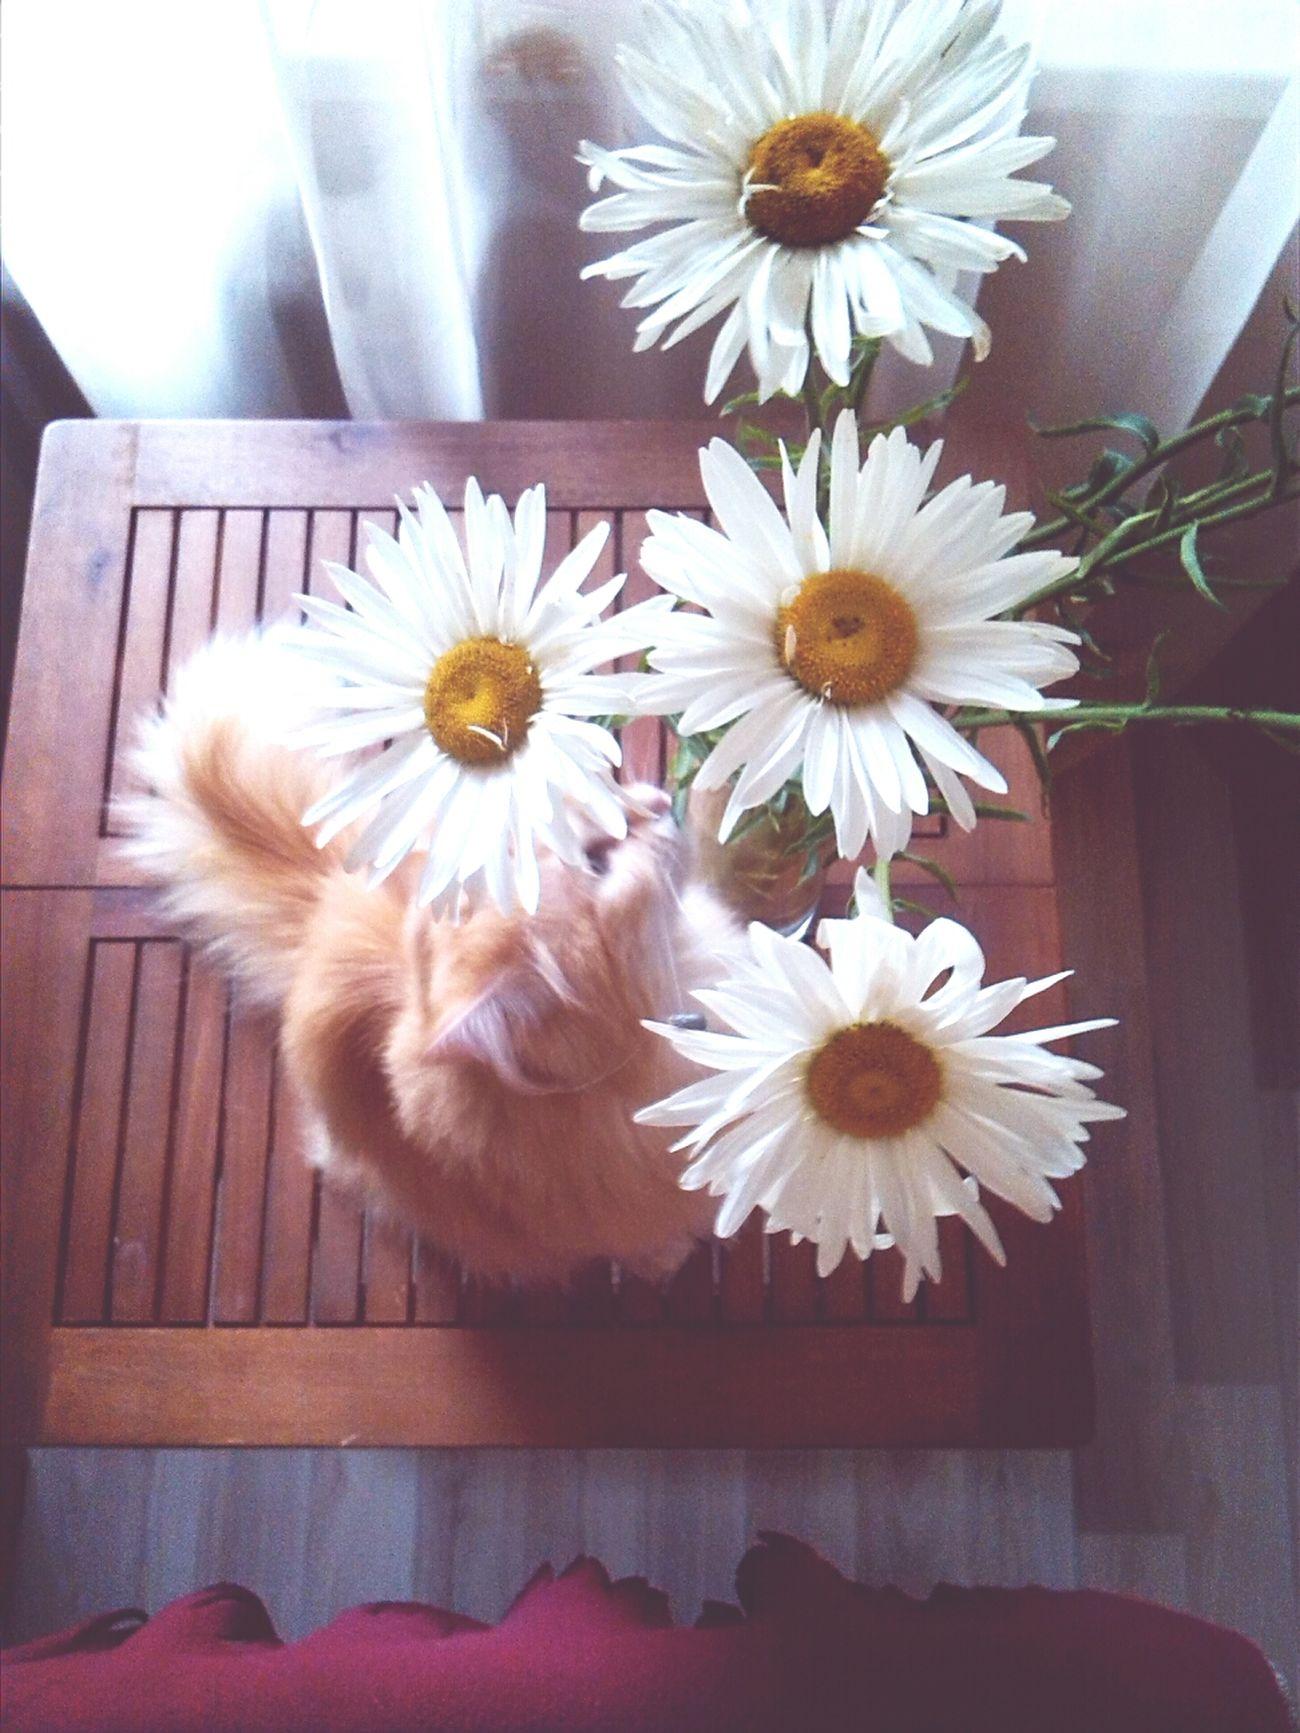 My.cat